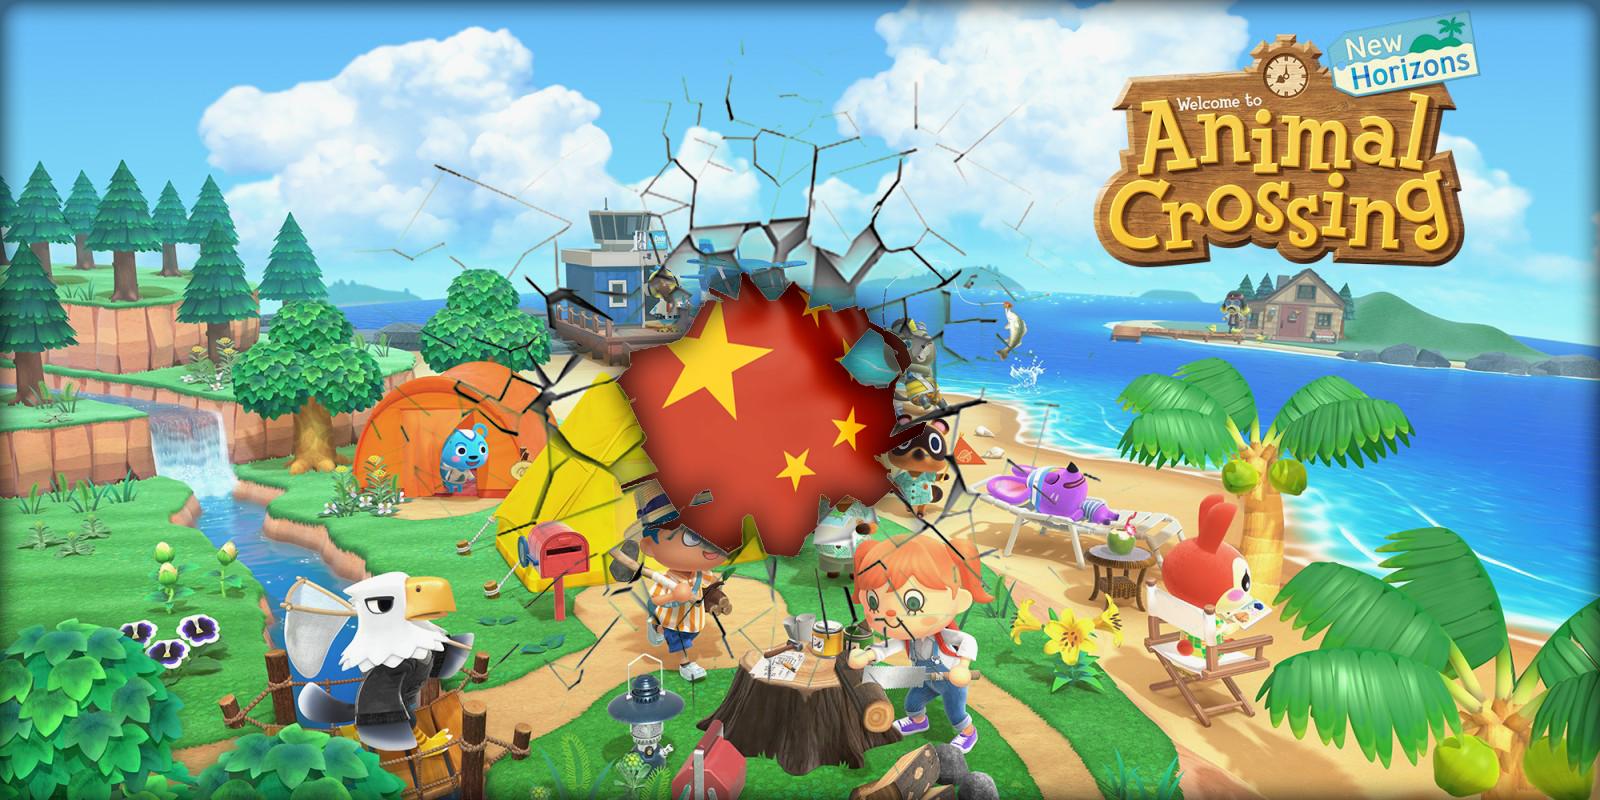 Insólito: China censura o gaming online em larga escala